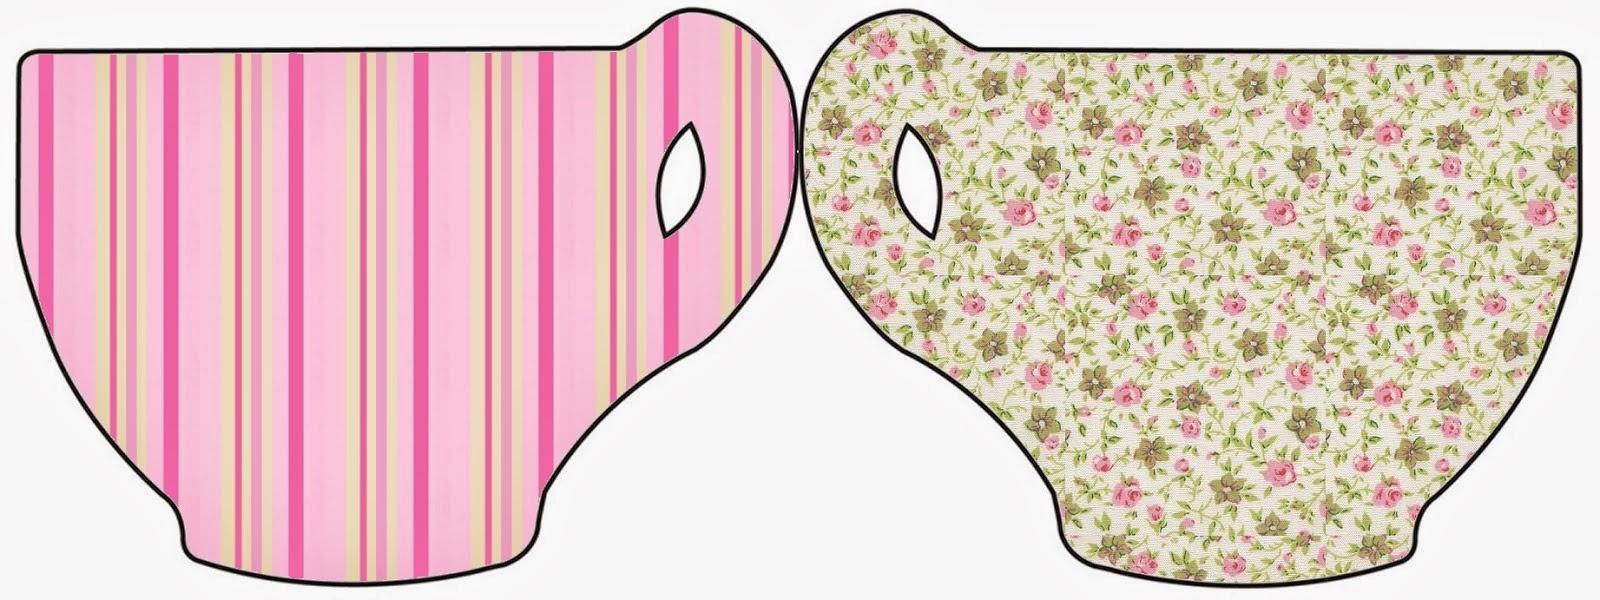 Tarjeta con forma de Taza de Shabby Chic Rosa y Amarillo.